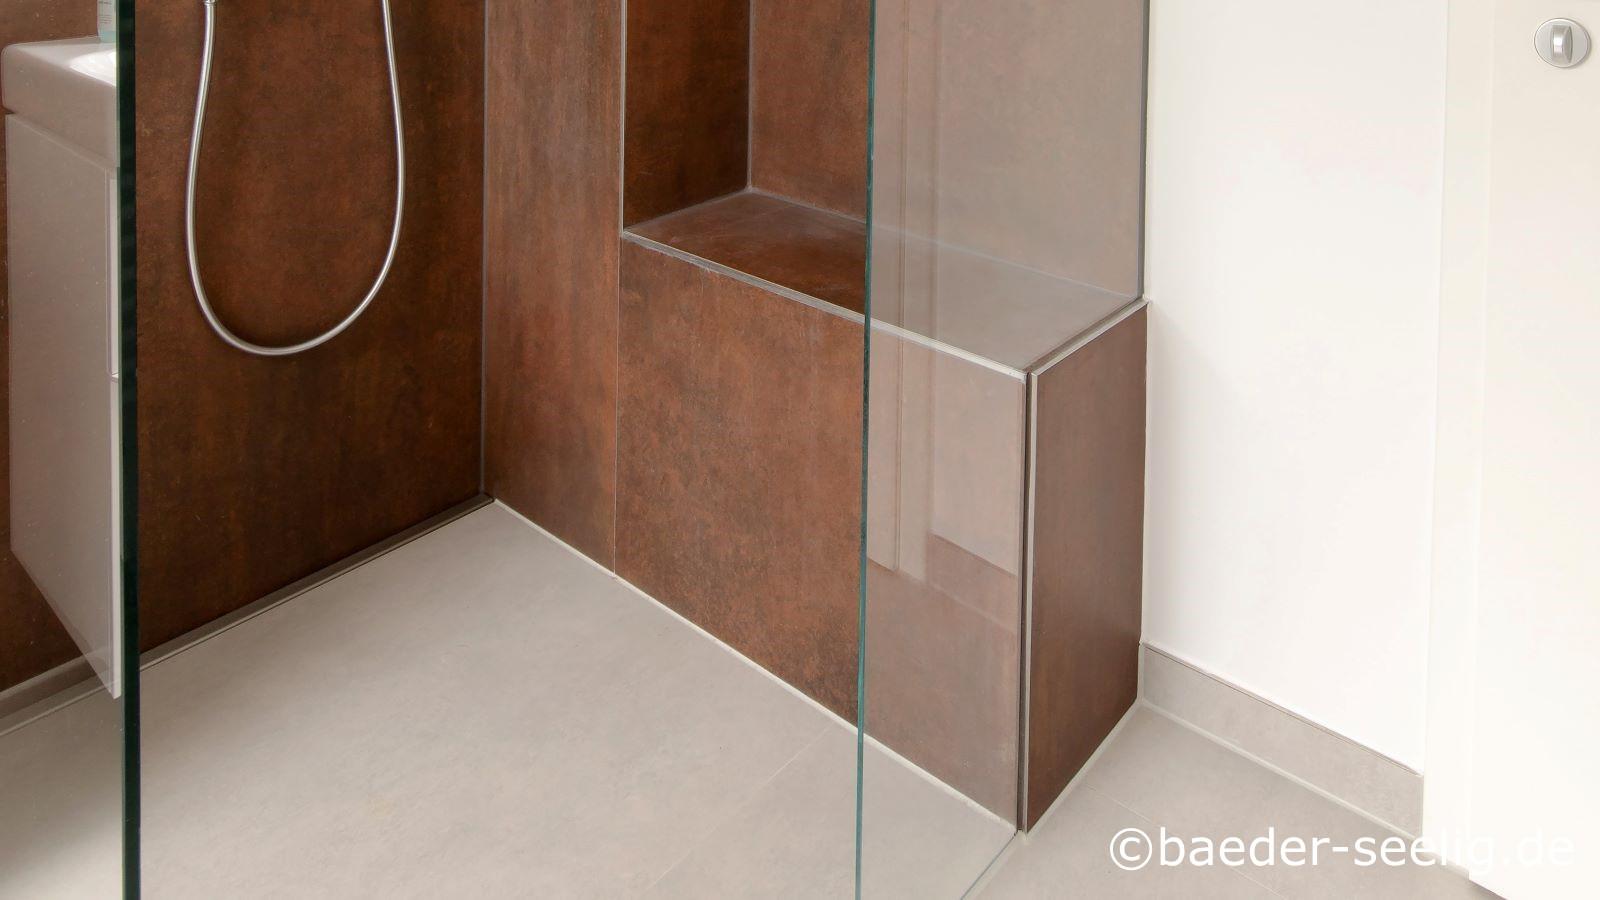 Barrierefreie neugestaltung des badezimmers im altbau realisierte die abgebildete walk-in-dusche. Zu sehen sind die ganzglas-duschabtrennungen, die voellig transparent die begehbare dusche in den raum integrieren und zudem super einfach zu pflegen, robust und langlebig sind. Dasselbe sieht man auch den braunen xxl fliesen an der wand und weissen xxl fliesen auf dem boden an. Das kerlite feinsteinzeug ist sehr hart und kratzfest. Zu sehen ist auch, dass die erdebene dusche fast fugenfrei durch die 1 x 1 m xxl fliesen auf dem boden und der 1 x 3 m xxl fliese an der wand ist. Die massgefertigte duschrinne pro machte durch ihre extra flache einbauhoehe von 40 mm und ihre sonderanfertigung genau fuer diese dusche mit holzbalken als hindernissen in der geschossdecke diese bodentiefe duschkabine moeglich. Auf dem foto ist die einseitige gefaellerichtung im duschbereich sichtbar, den die wandbuedig passgenau zwischen duschwand und duschglasabtrennung eingebaute, massgefertigte duschrinne pro ermoeglicht. Dadurch kann mit den 1 x 1 m xxl bodenfliesen schwellenlos in den duschbereicht durchgefliest werden, so dass auch im bodenbereich die duschkabine nahtlos in den raum integriert ist.